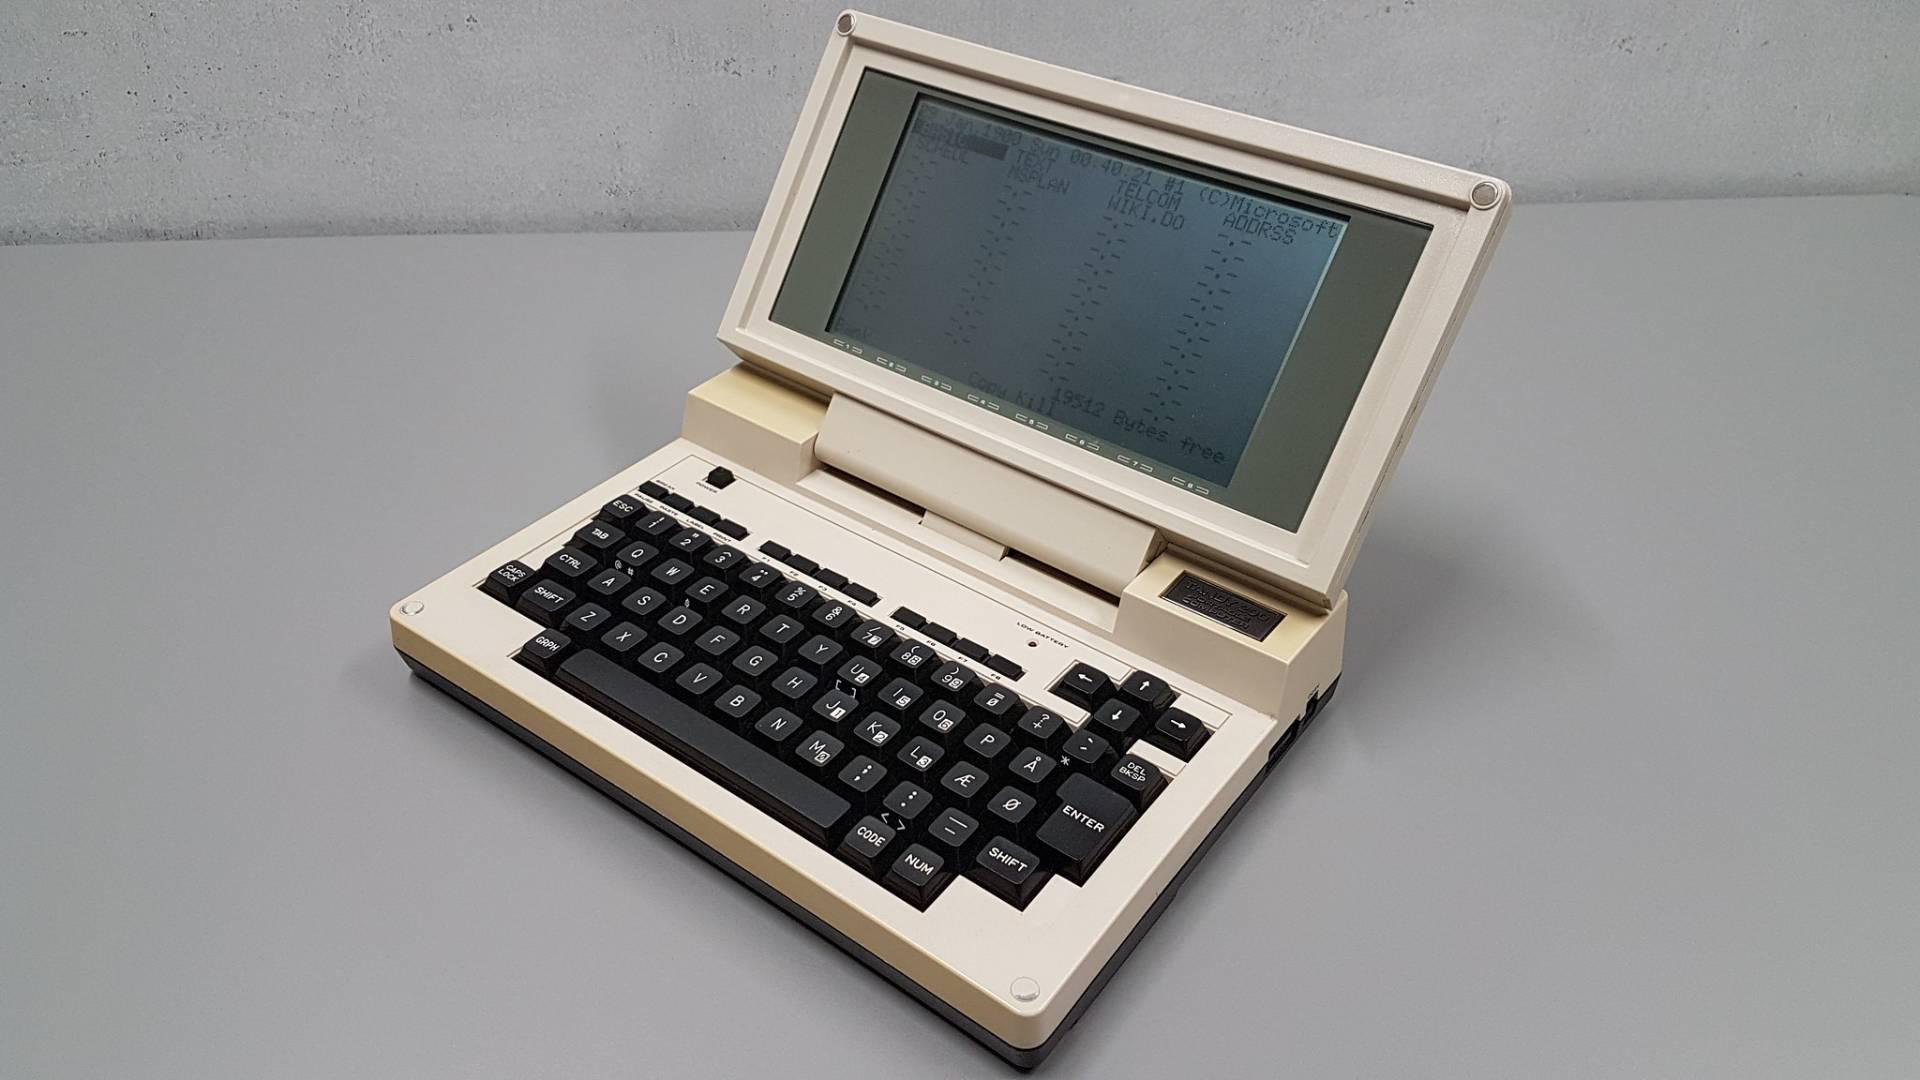 """O """"Tandy 200"""", como era popularmente conhecido, foi o primeiro computador portátil em formato de caderno (Fonte: Flickr/Marcin Szewczyk-Wilgan)"""